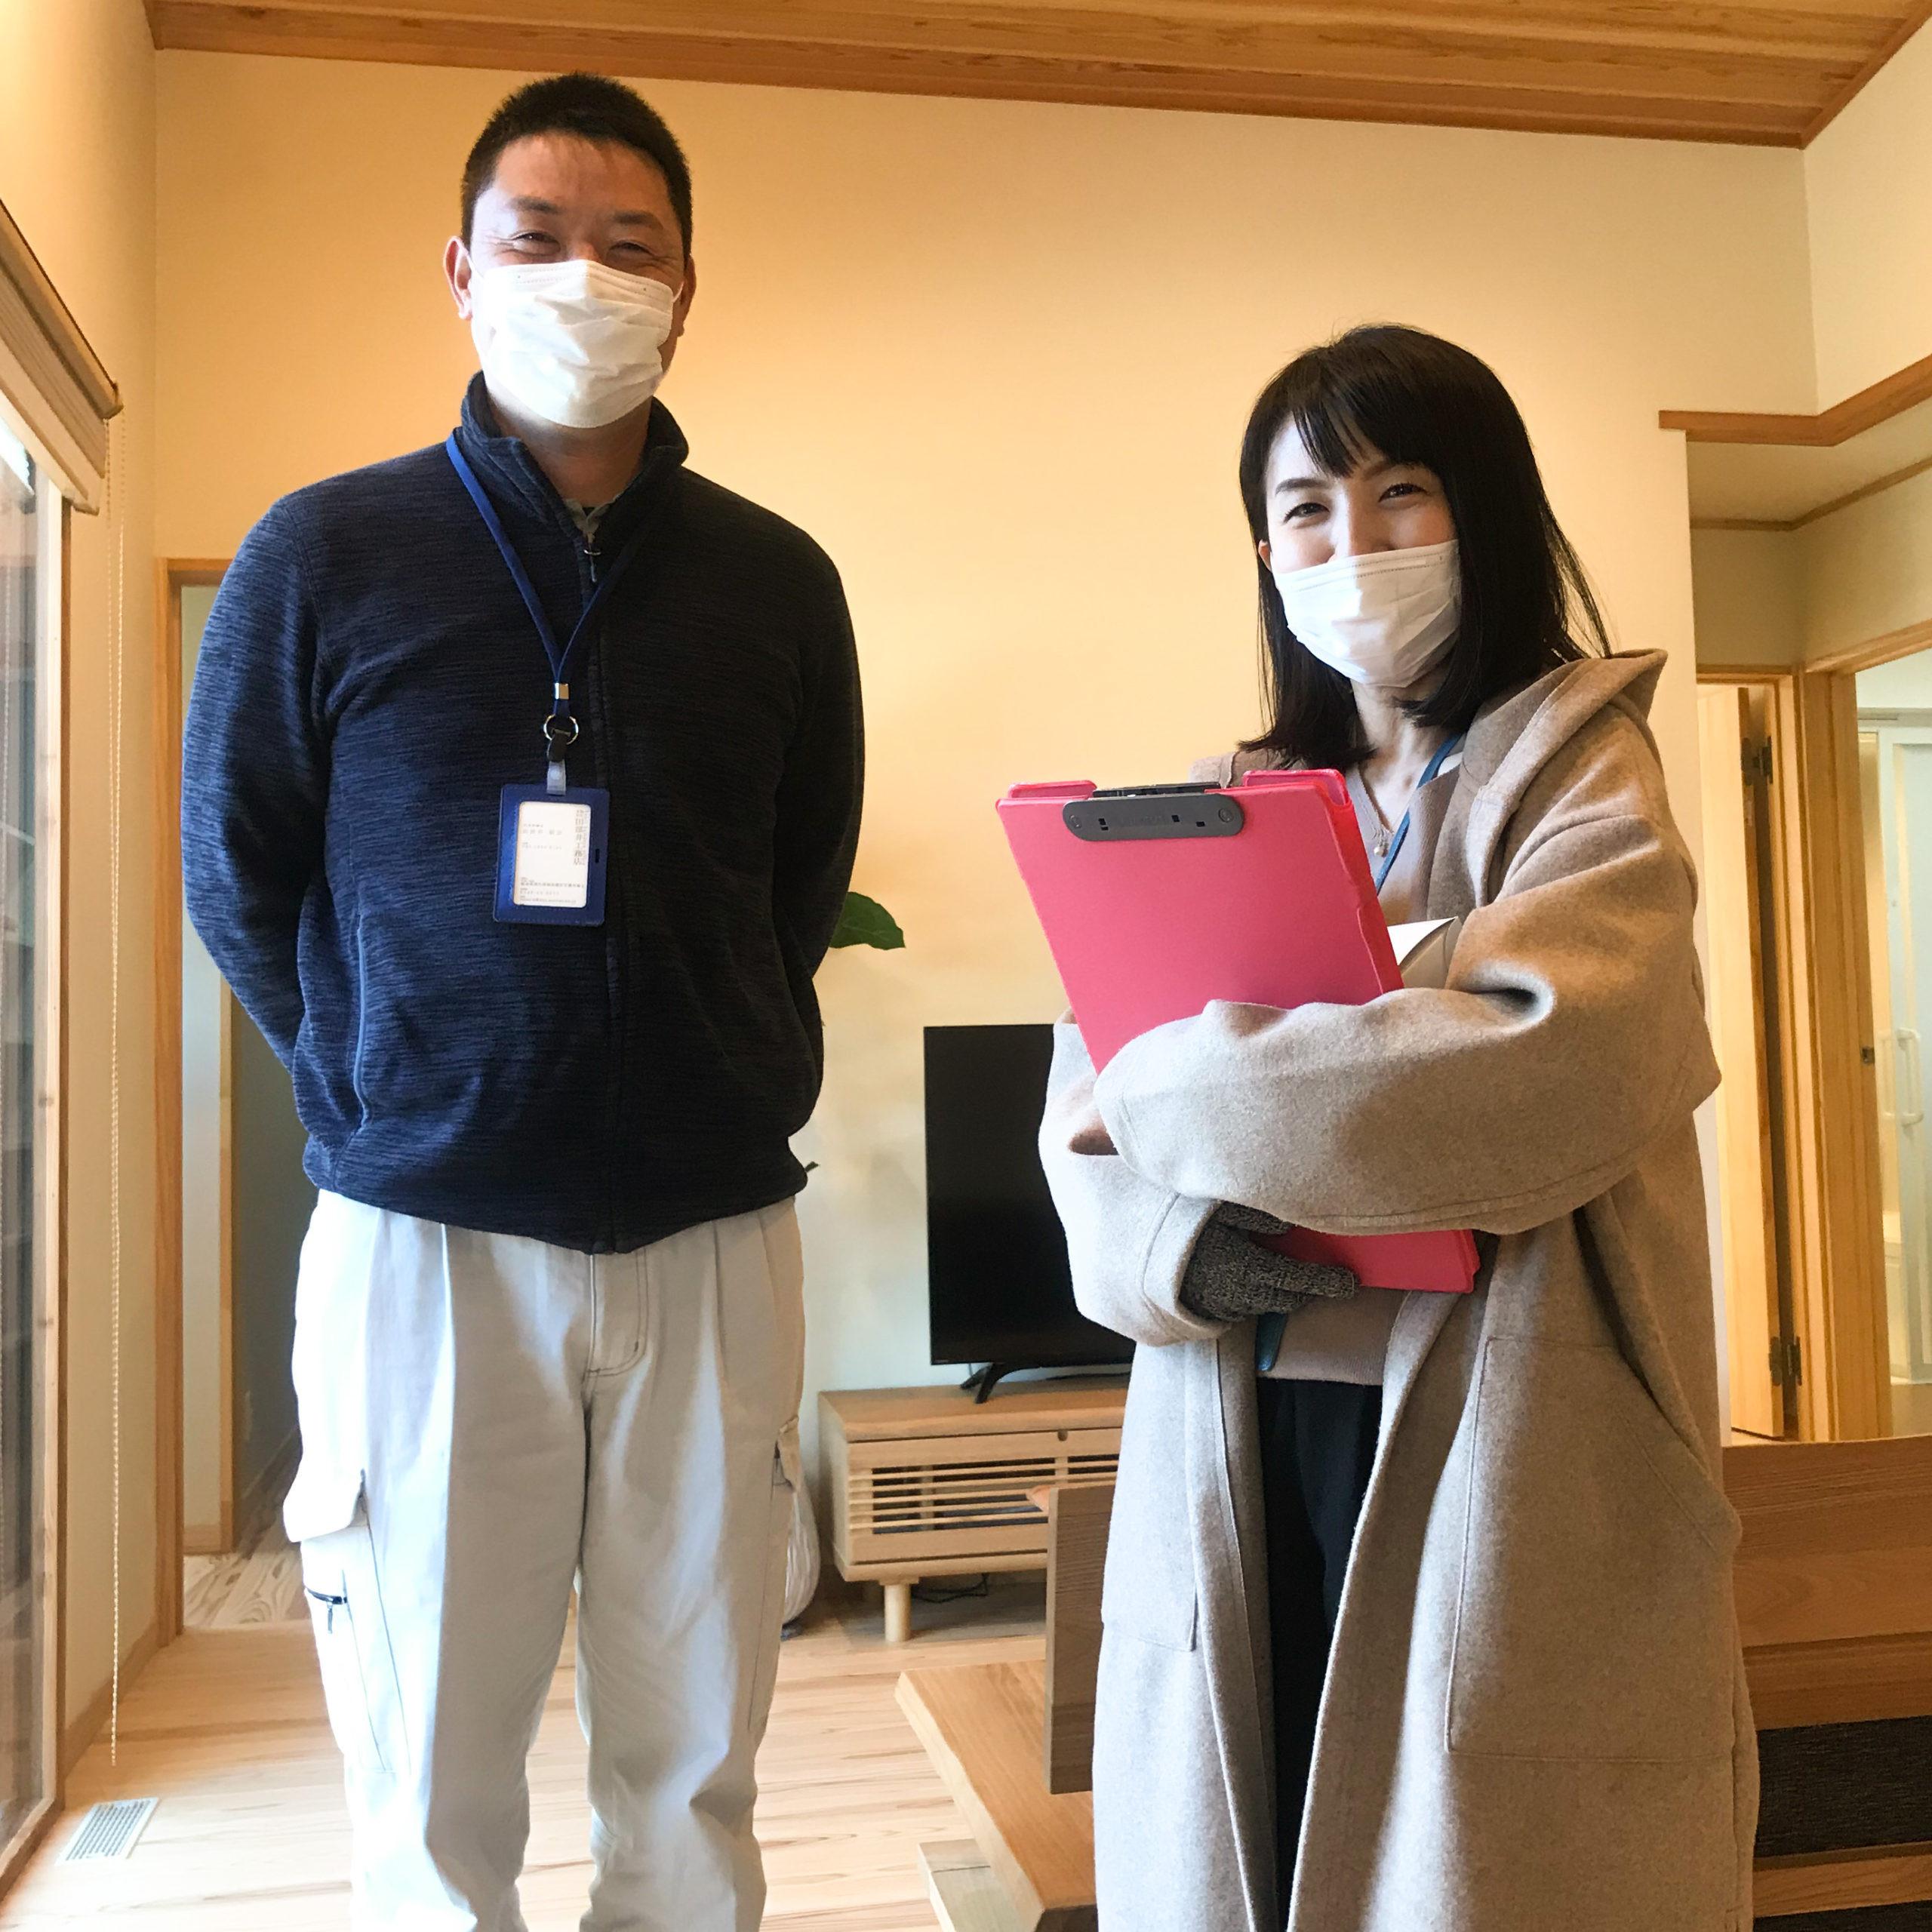 潜入取材!実録…地元工務店の住宅展示場|福島県白河市・西郷村に拠点があるポスティング会社は我々だけです!